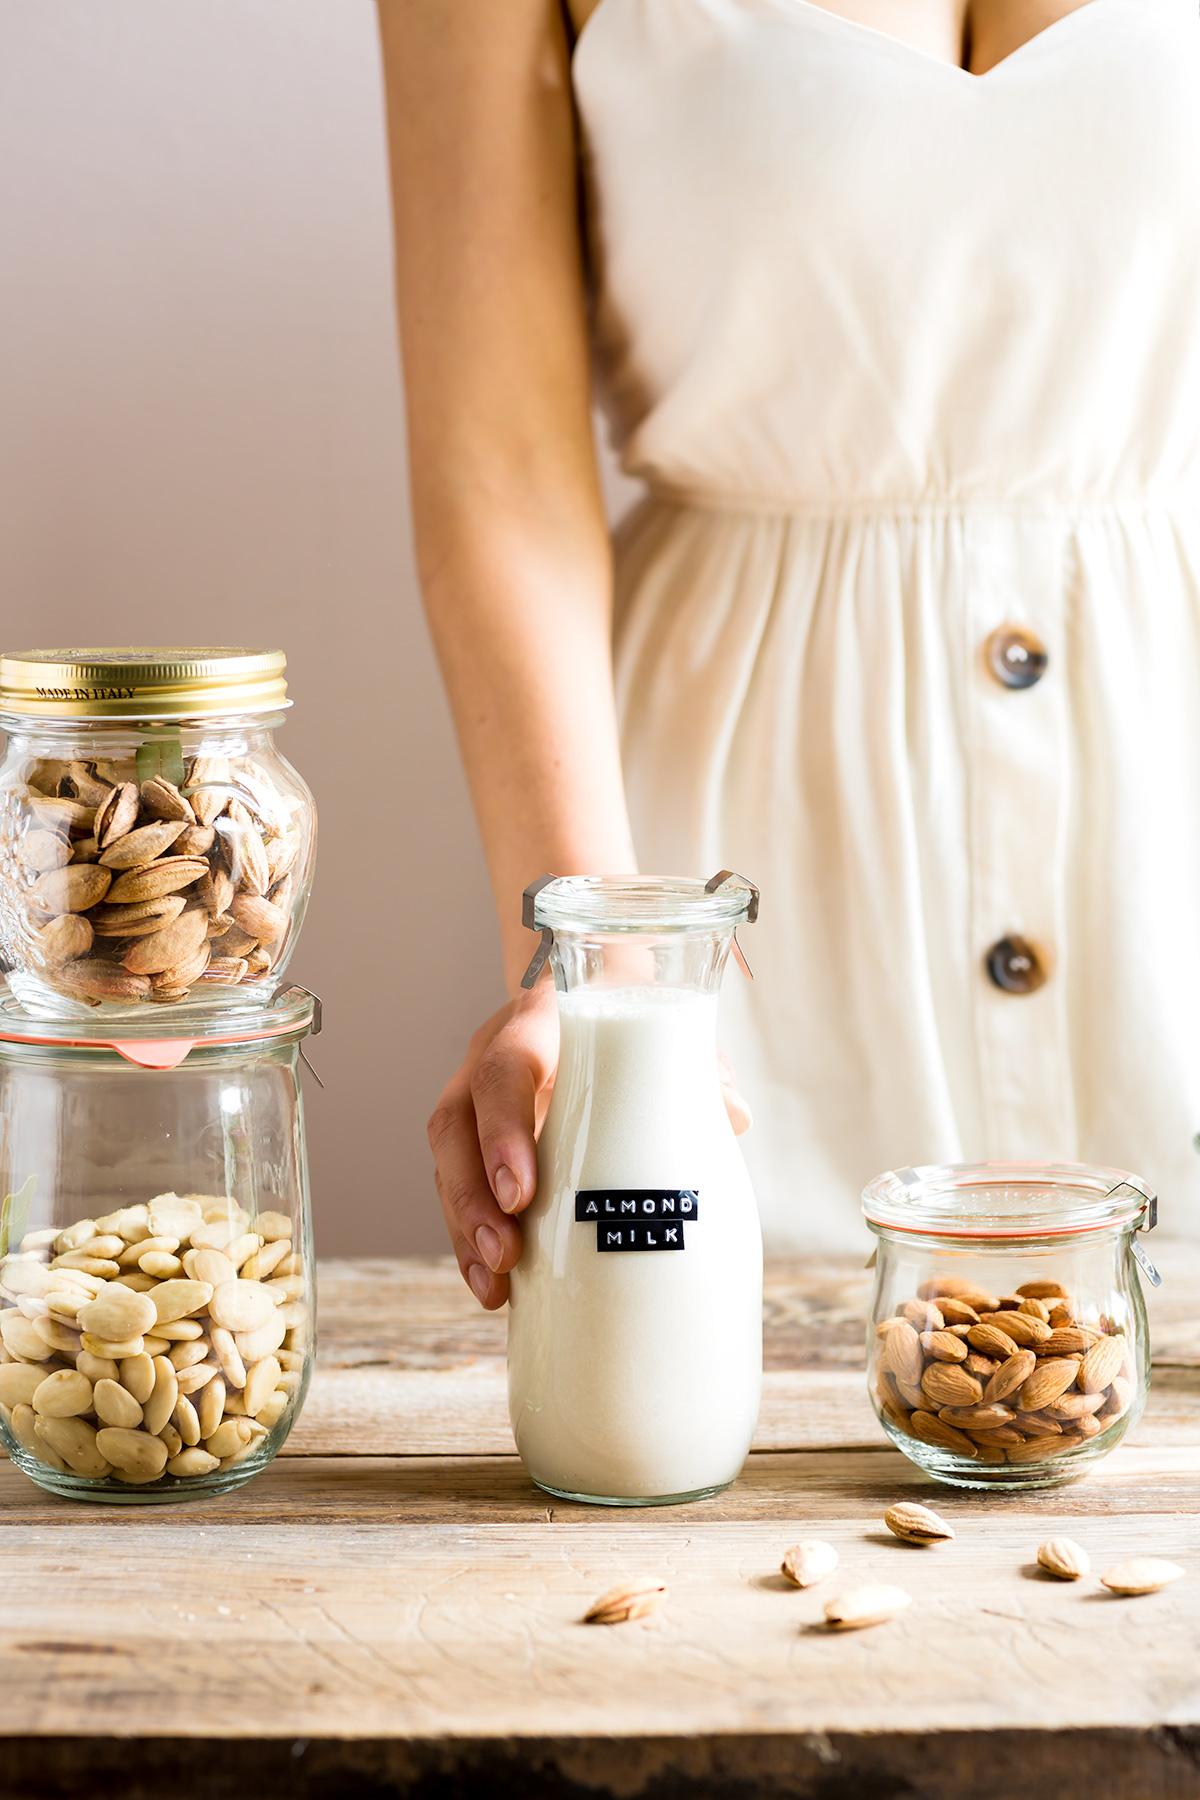 How to make vegan homemade ALMOND MILK dairyfree milk recipe ricetta LATTE di MANDORLE fatto in casa vegan senza lattosio facile veloce